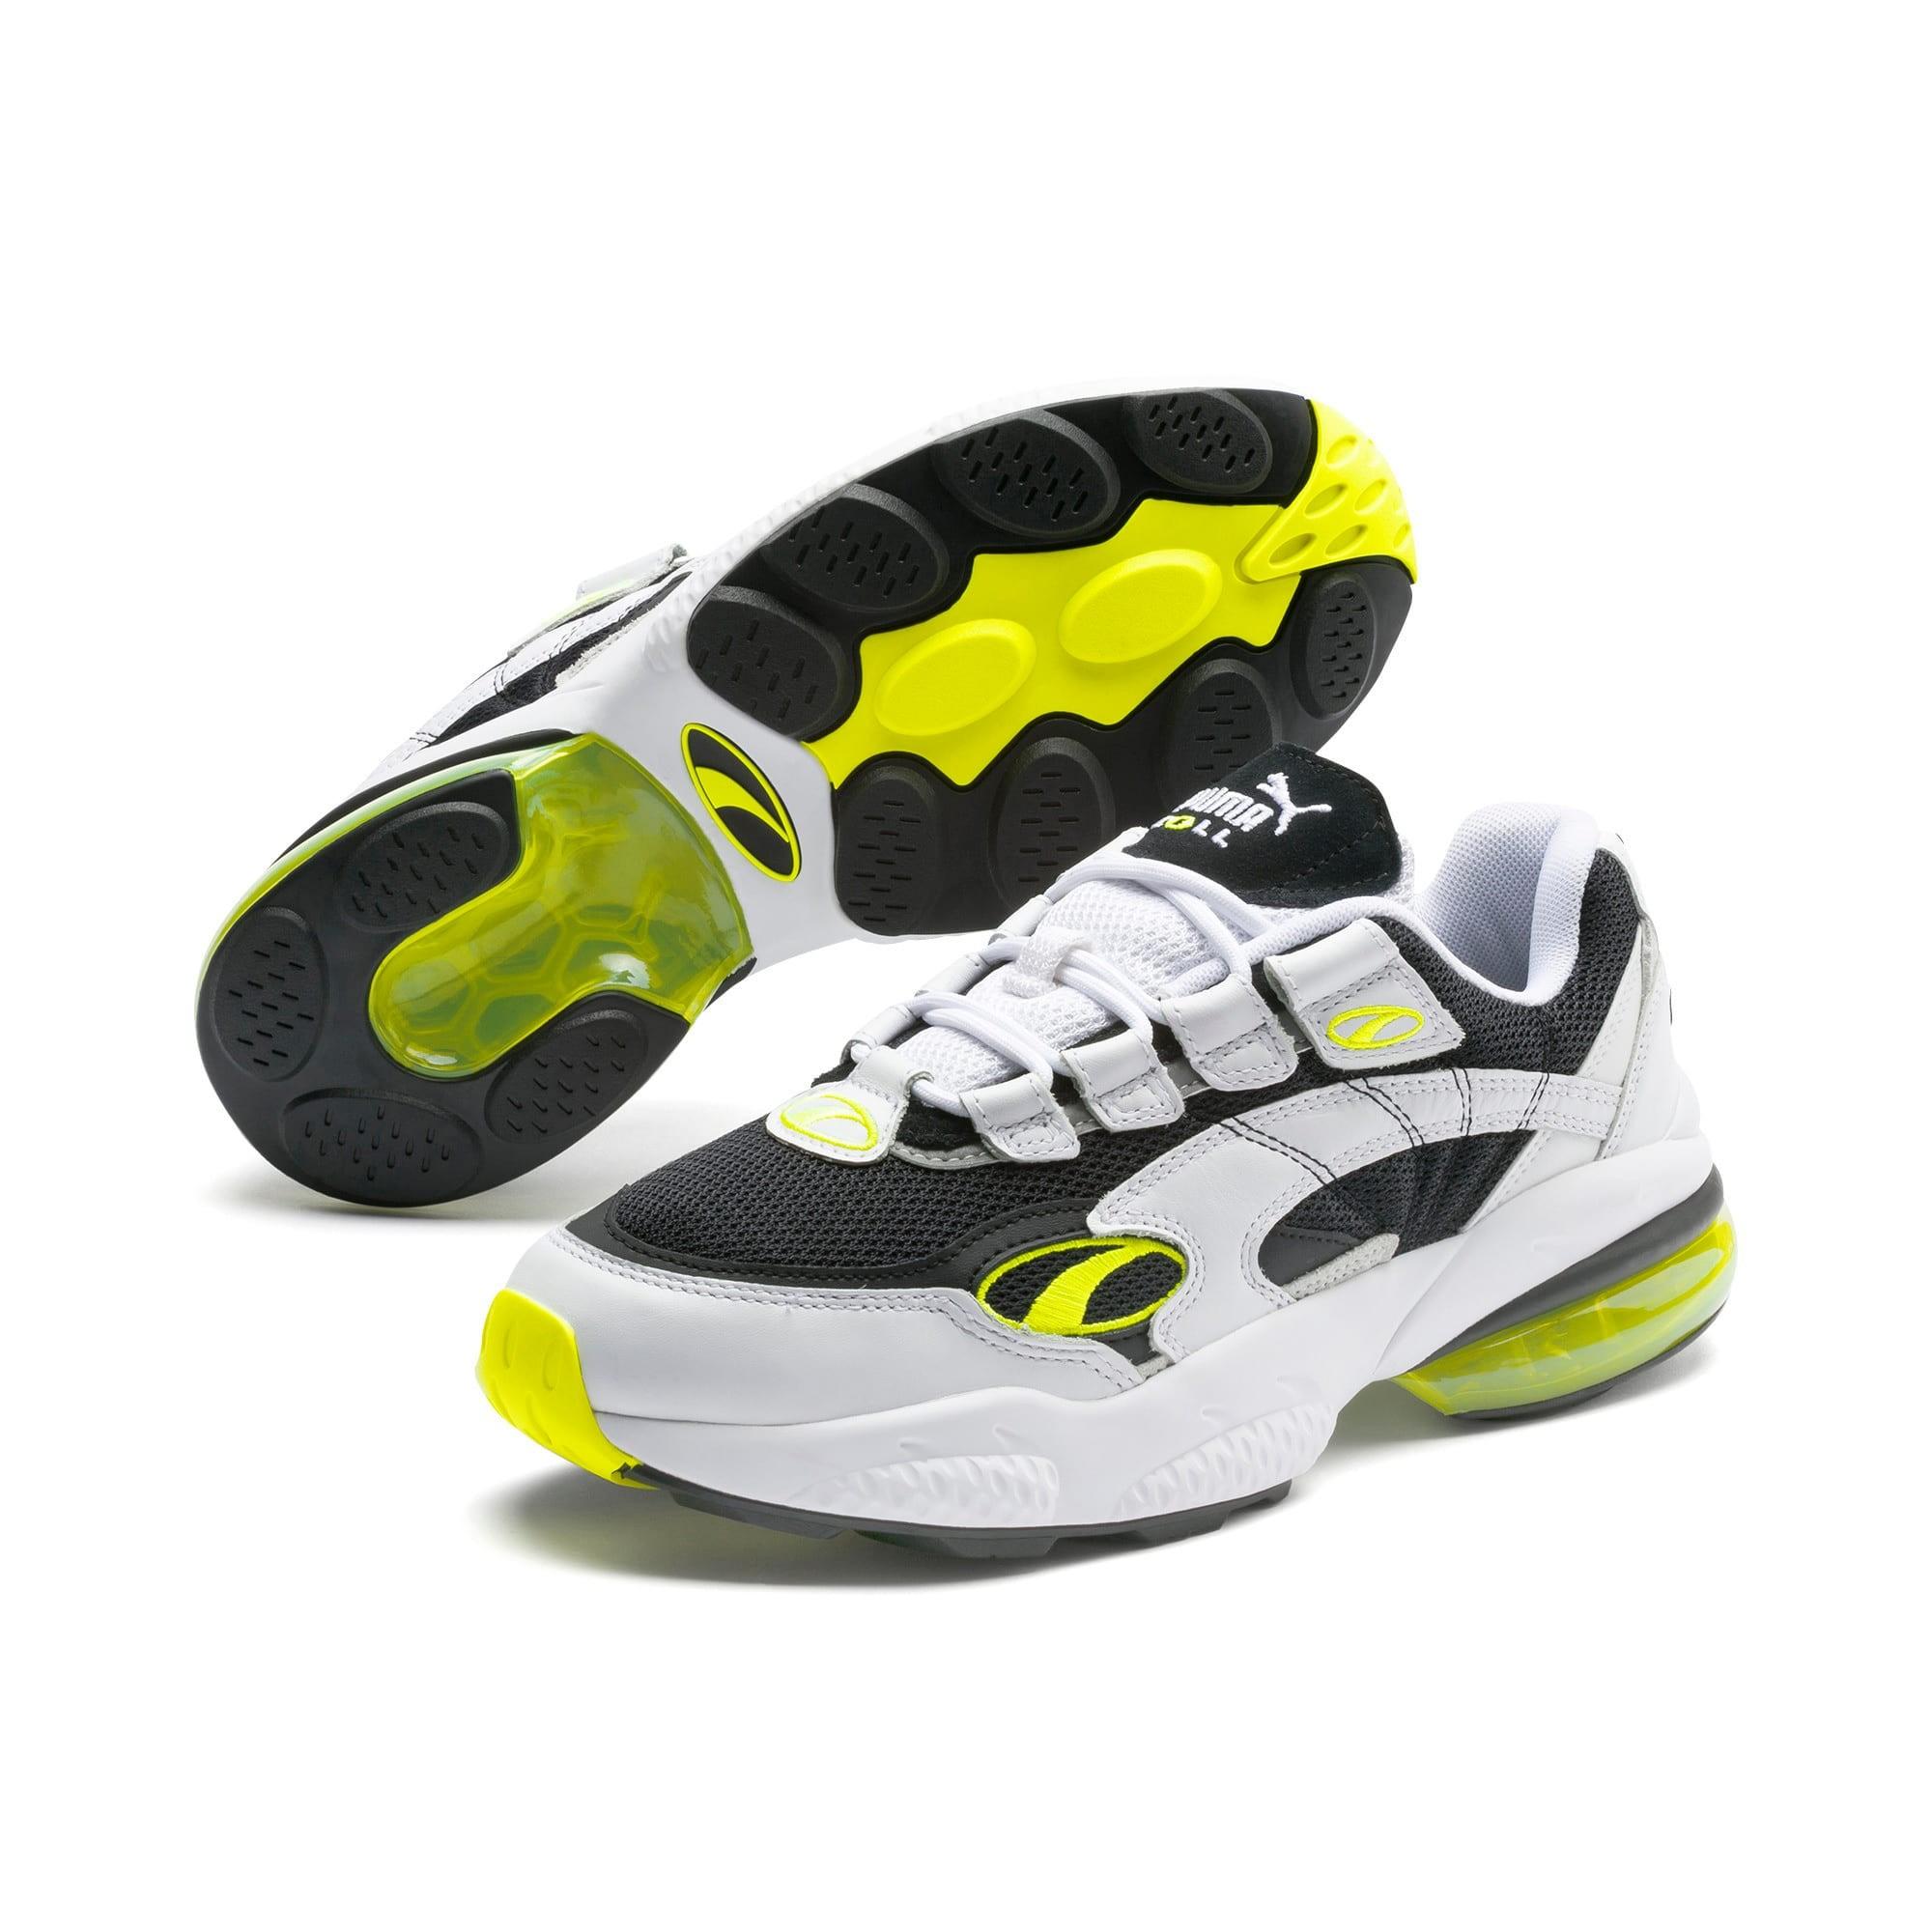 scarpe da ginnastica puma prezzi